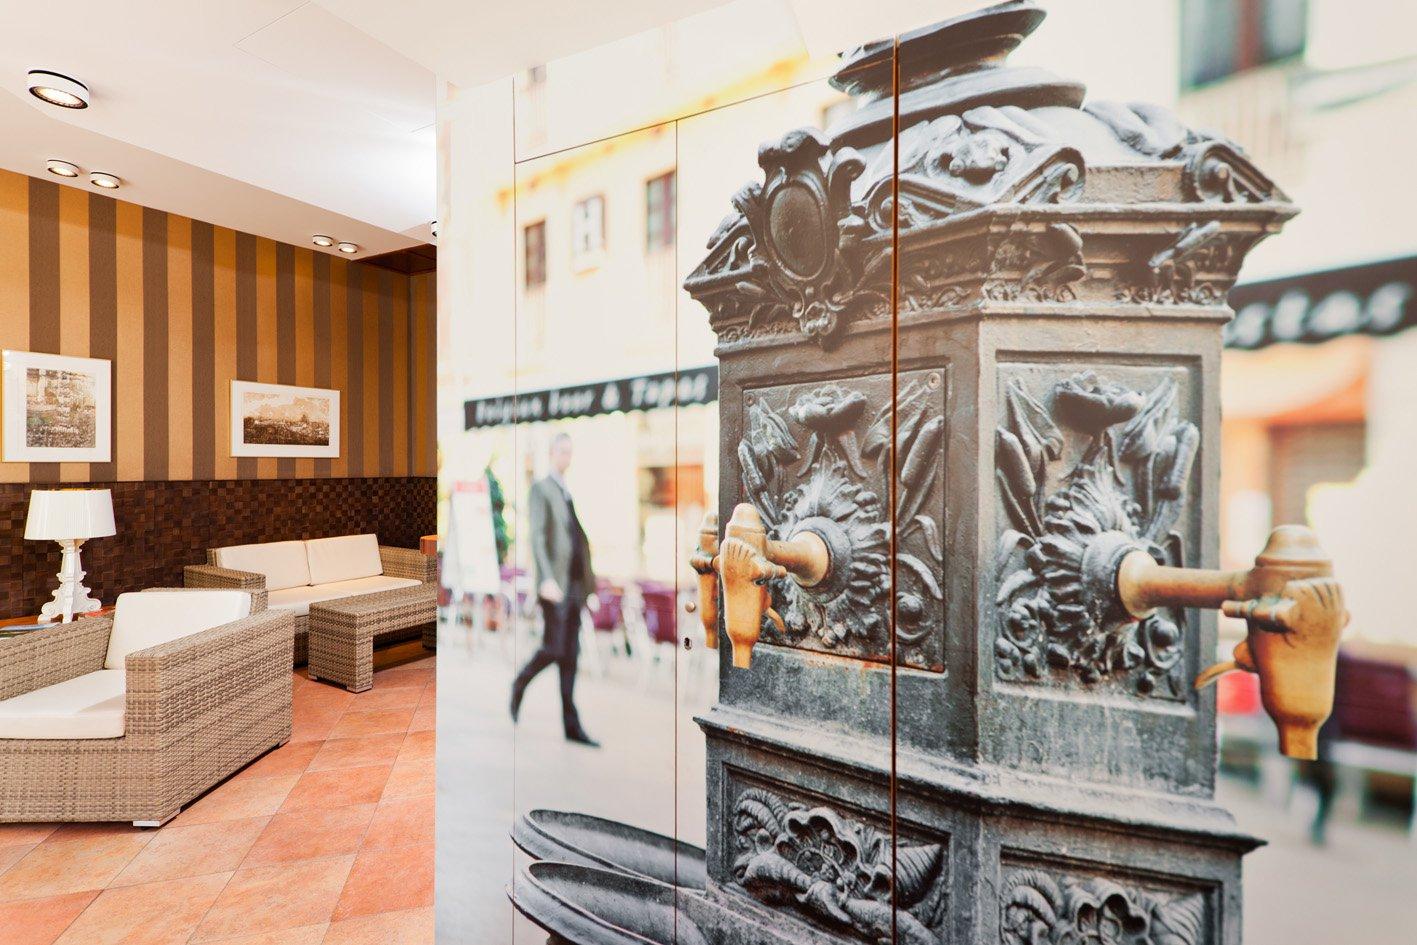 hotel_la_fontnombre_del_documento_19-4e46d7da0997ccda6811eee947d560dc